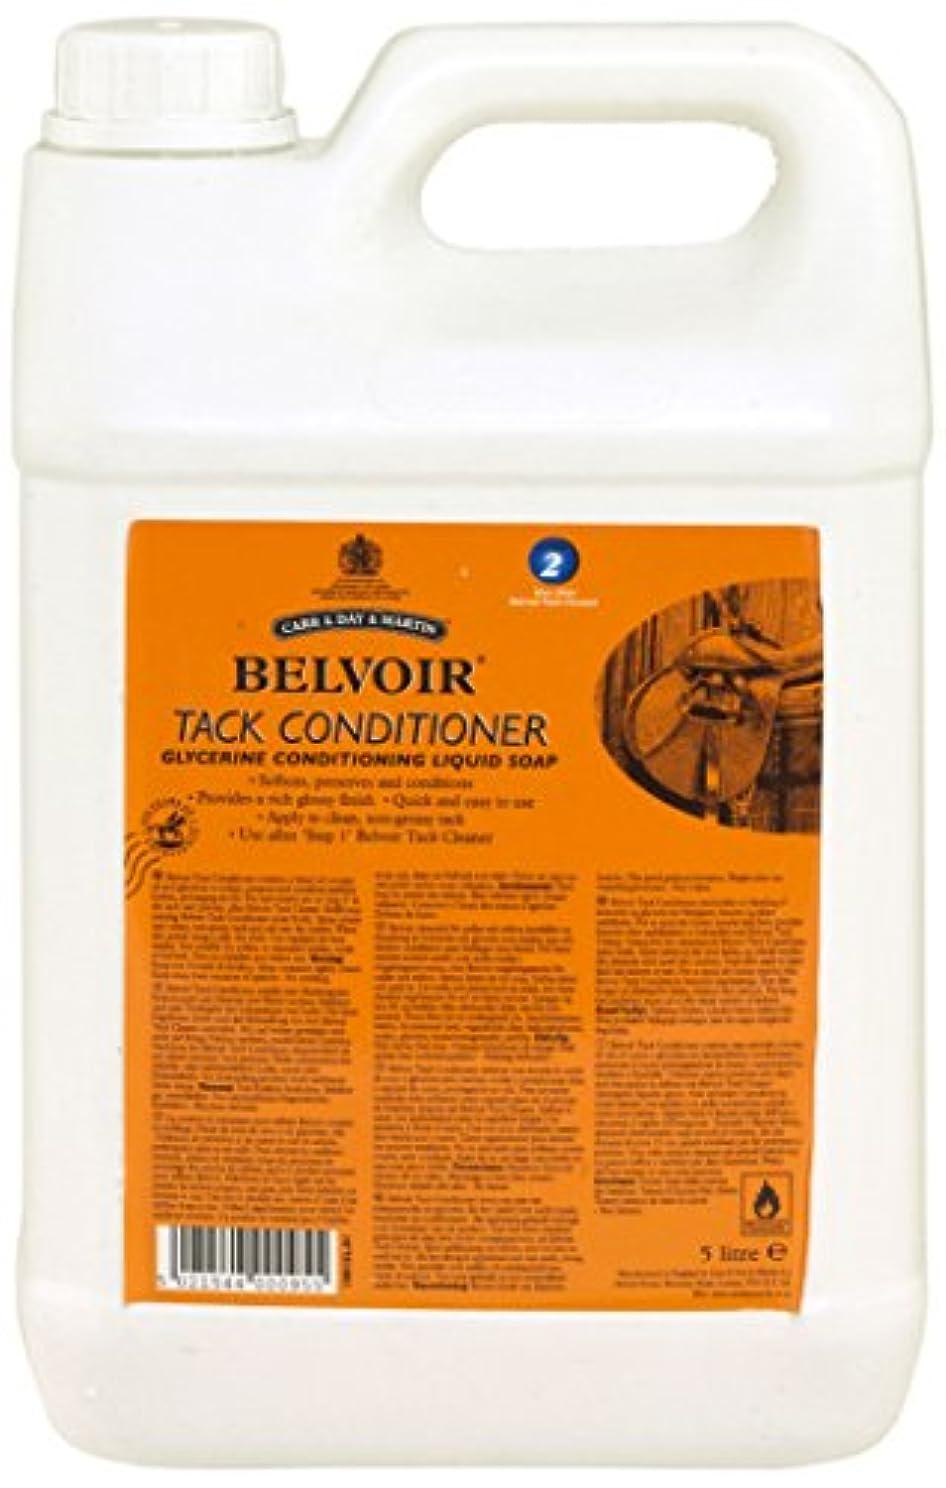 検体ソビエトマーガレットミッチェルCarr & Day & Martin Belvoir Tack Conditioner ( 5l )